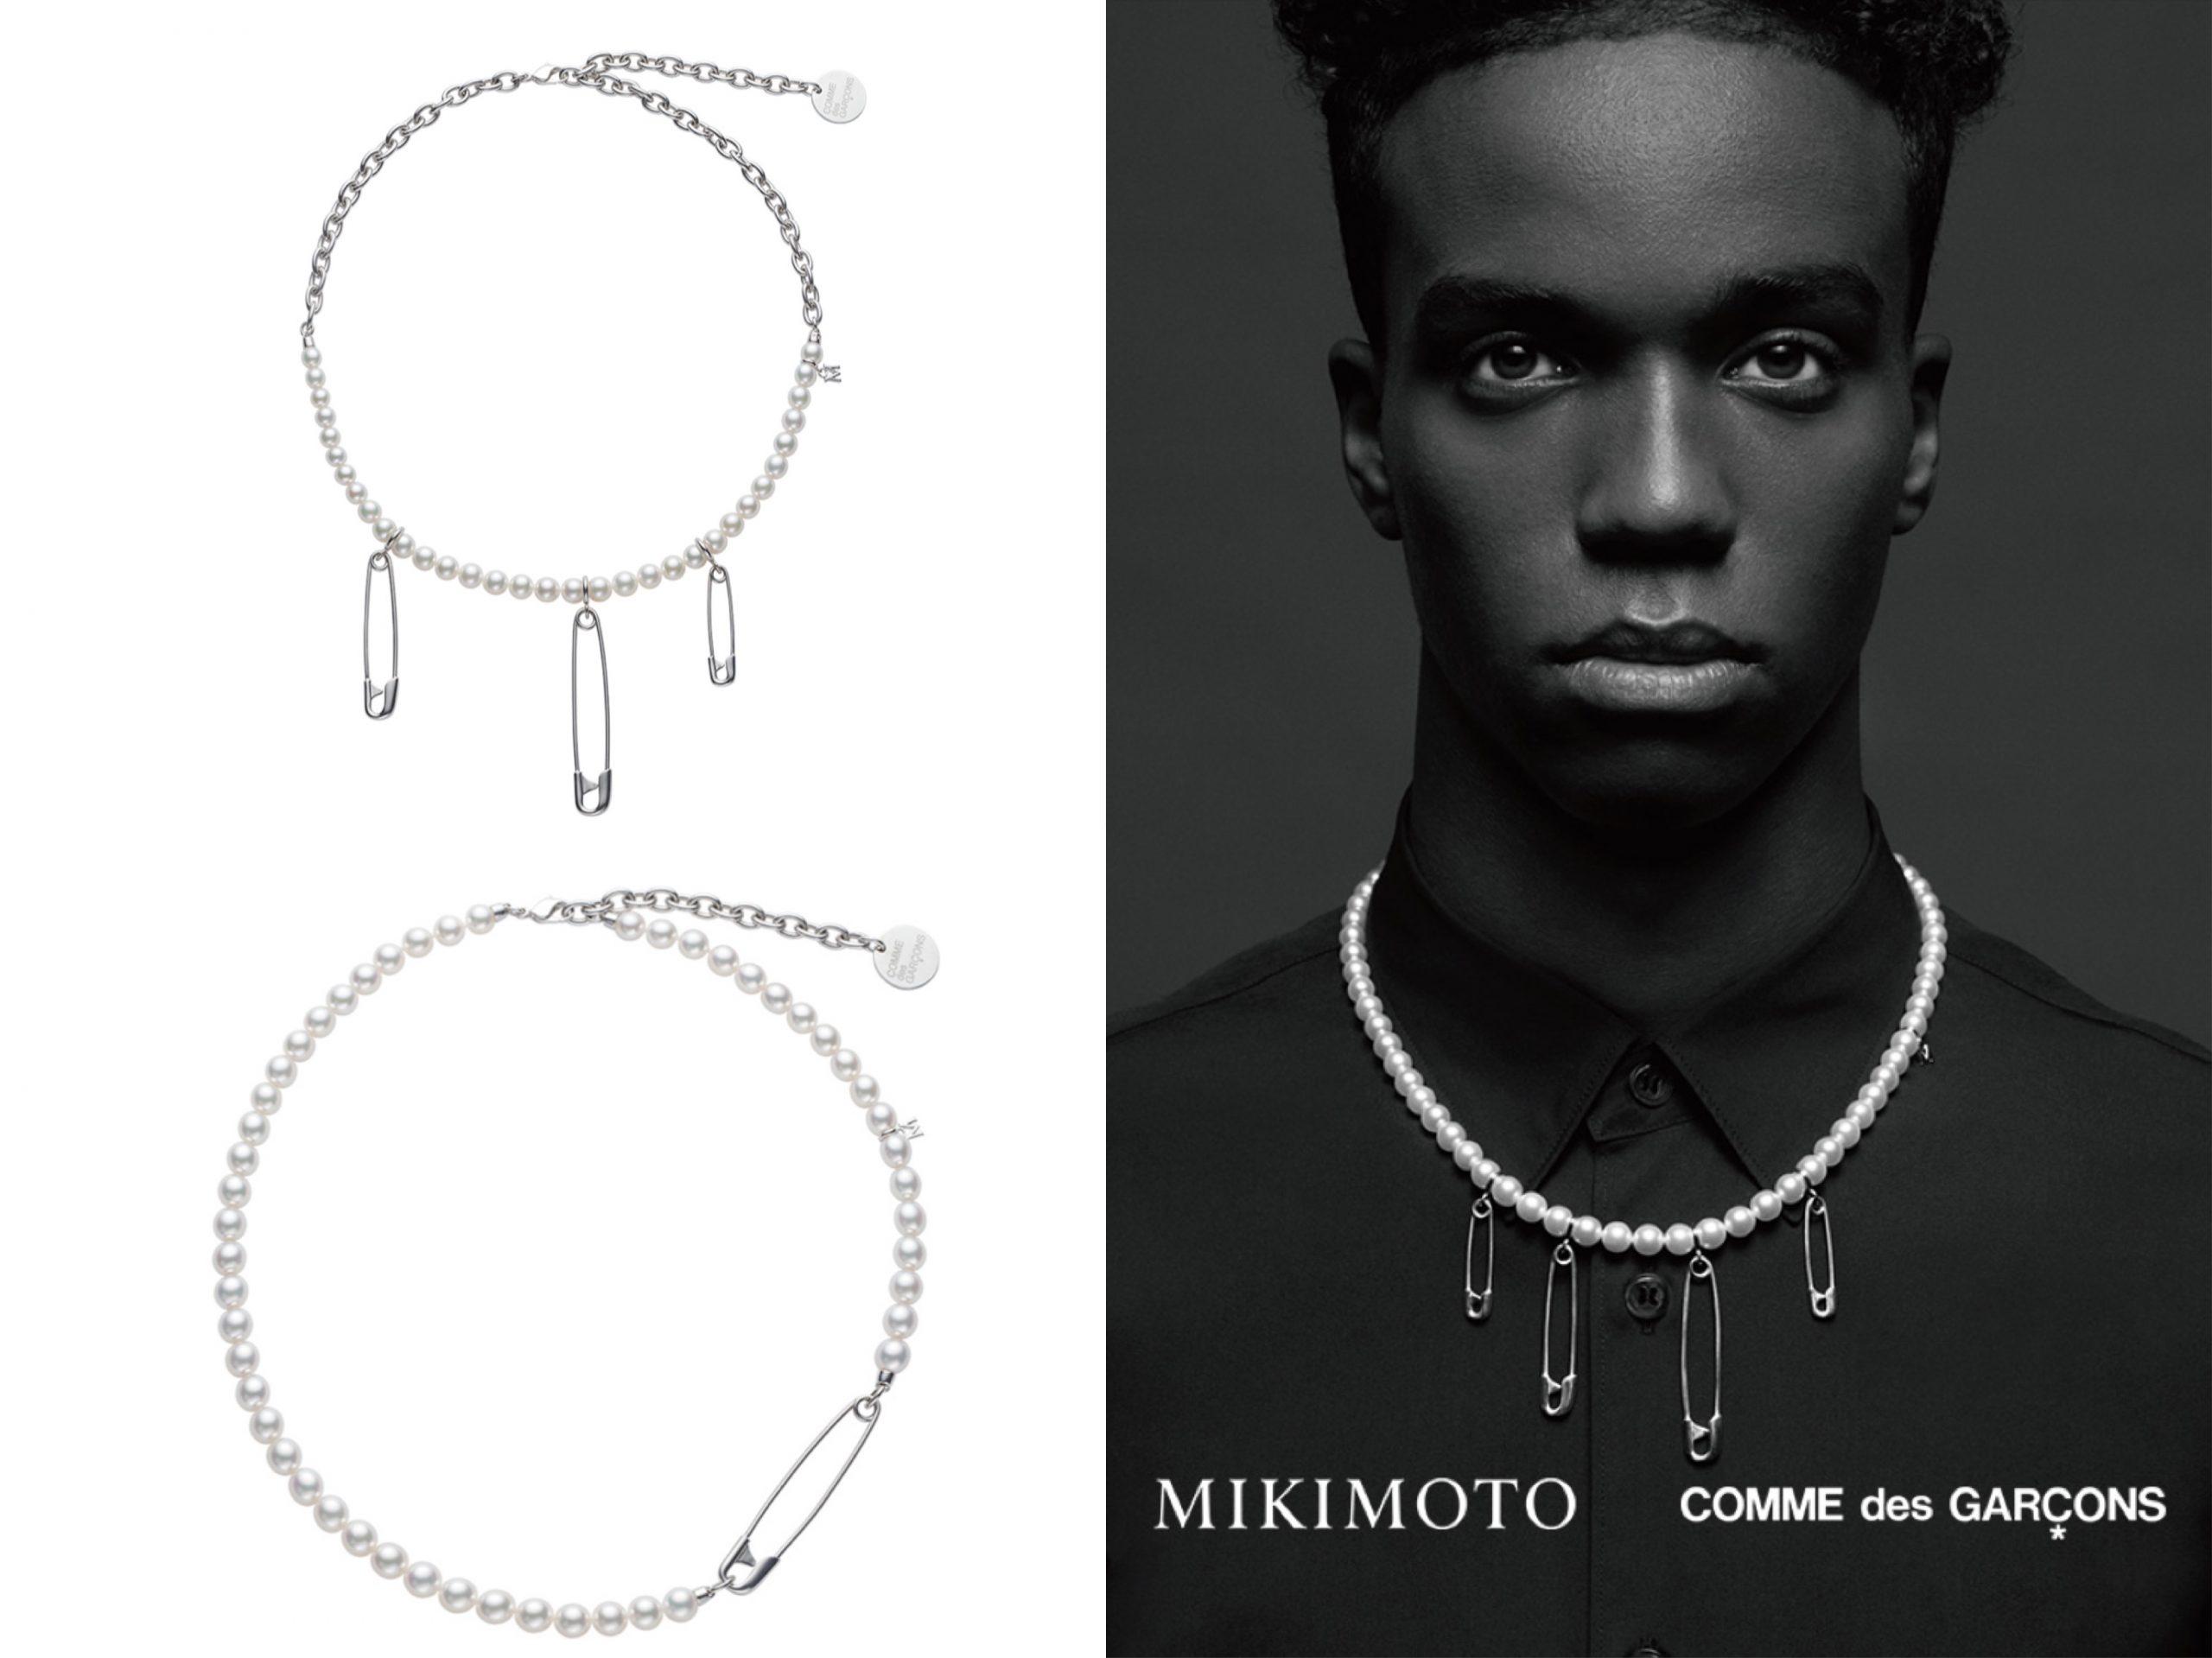 珍珠不再为女士专有!日本高端珠宝品牌 Mikimoto 如何开拓男性市场?